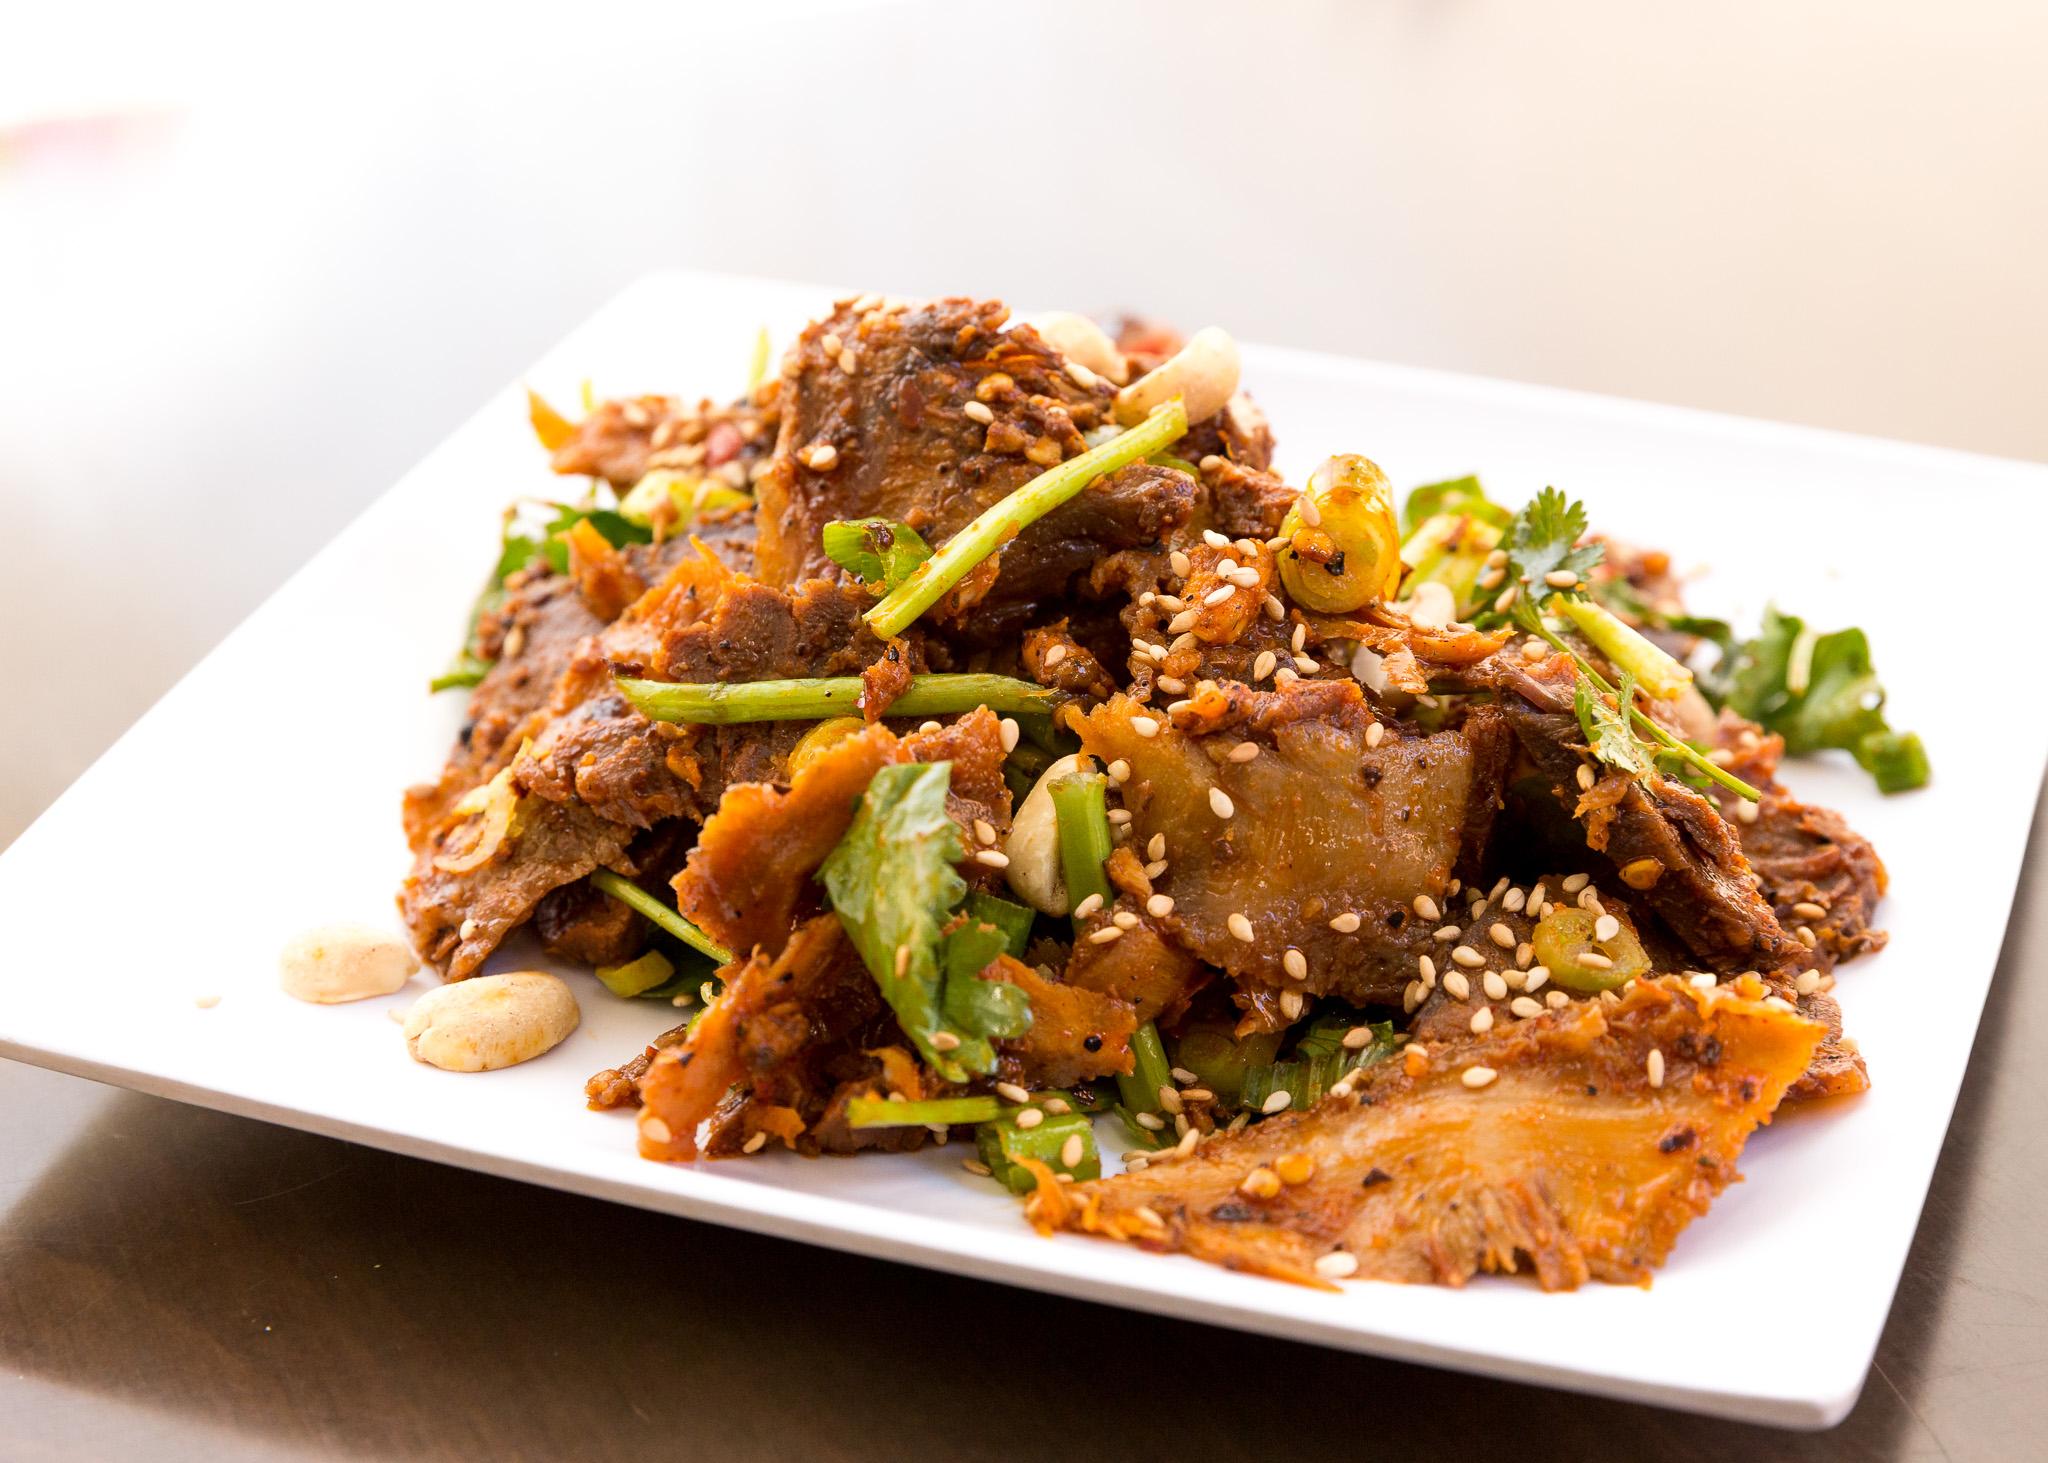 Shanghai Restaurant beef tripe